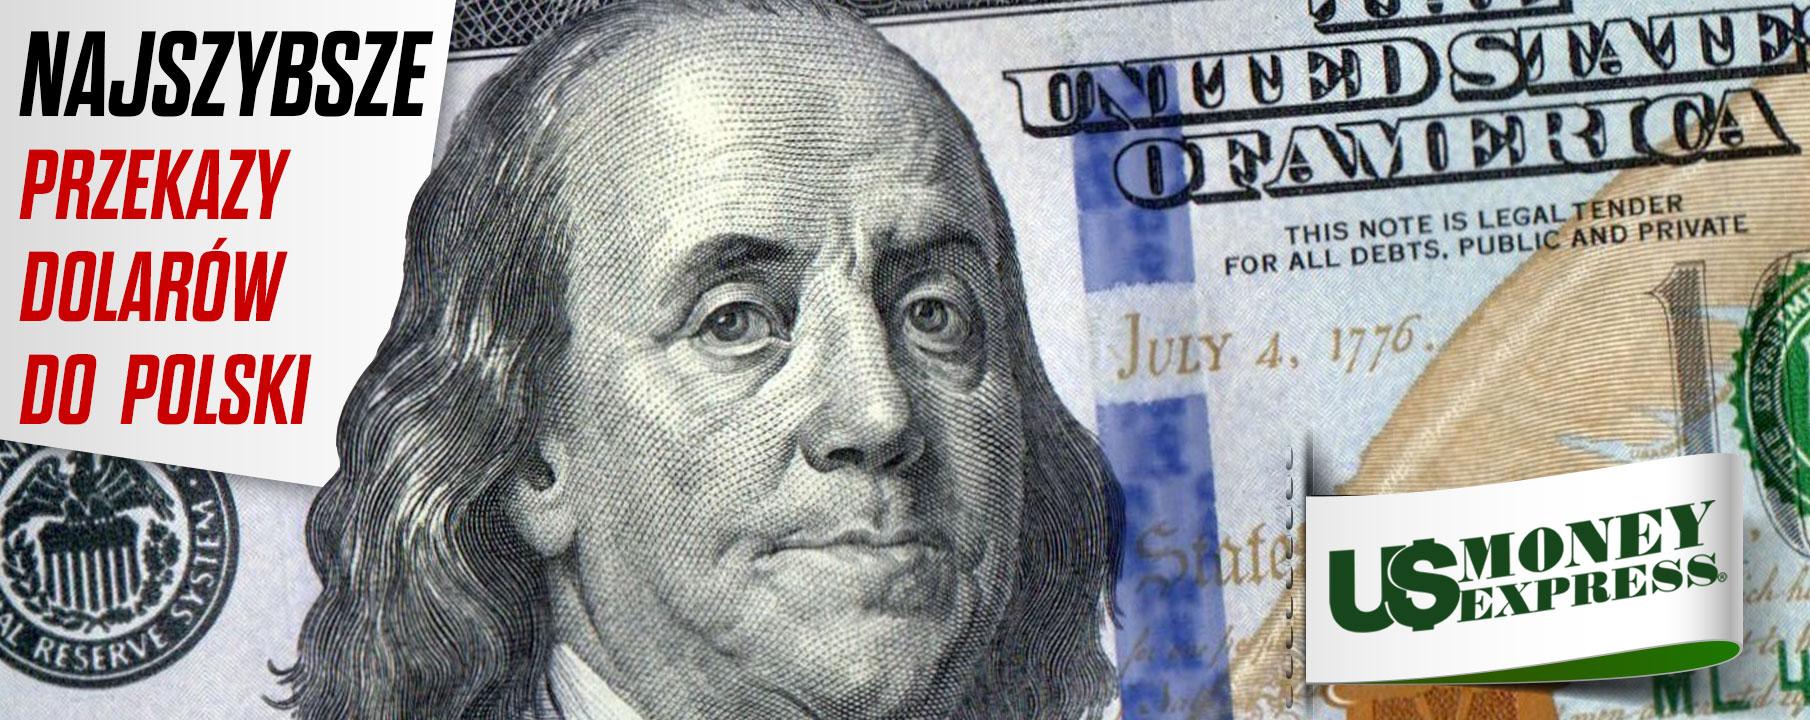 Dolary do Polski. Błyskawiczne przekazy z US Money Express